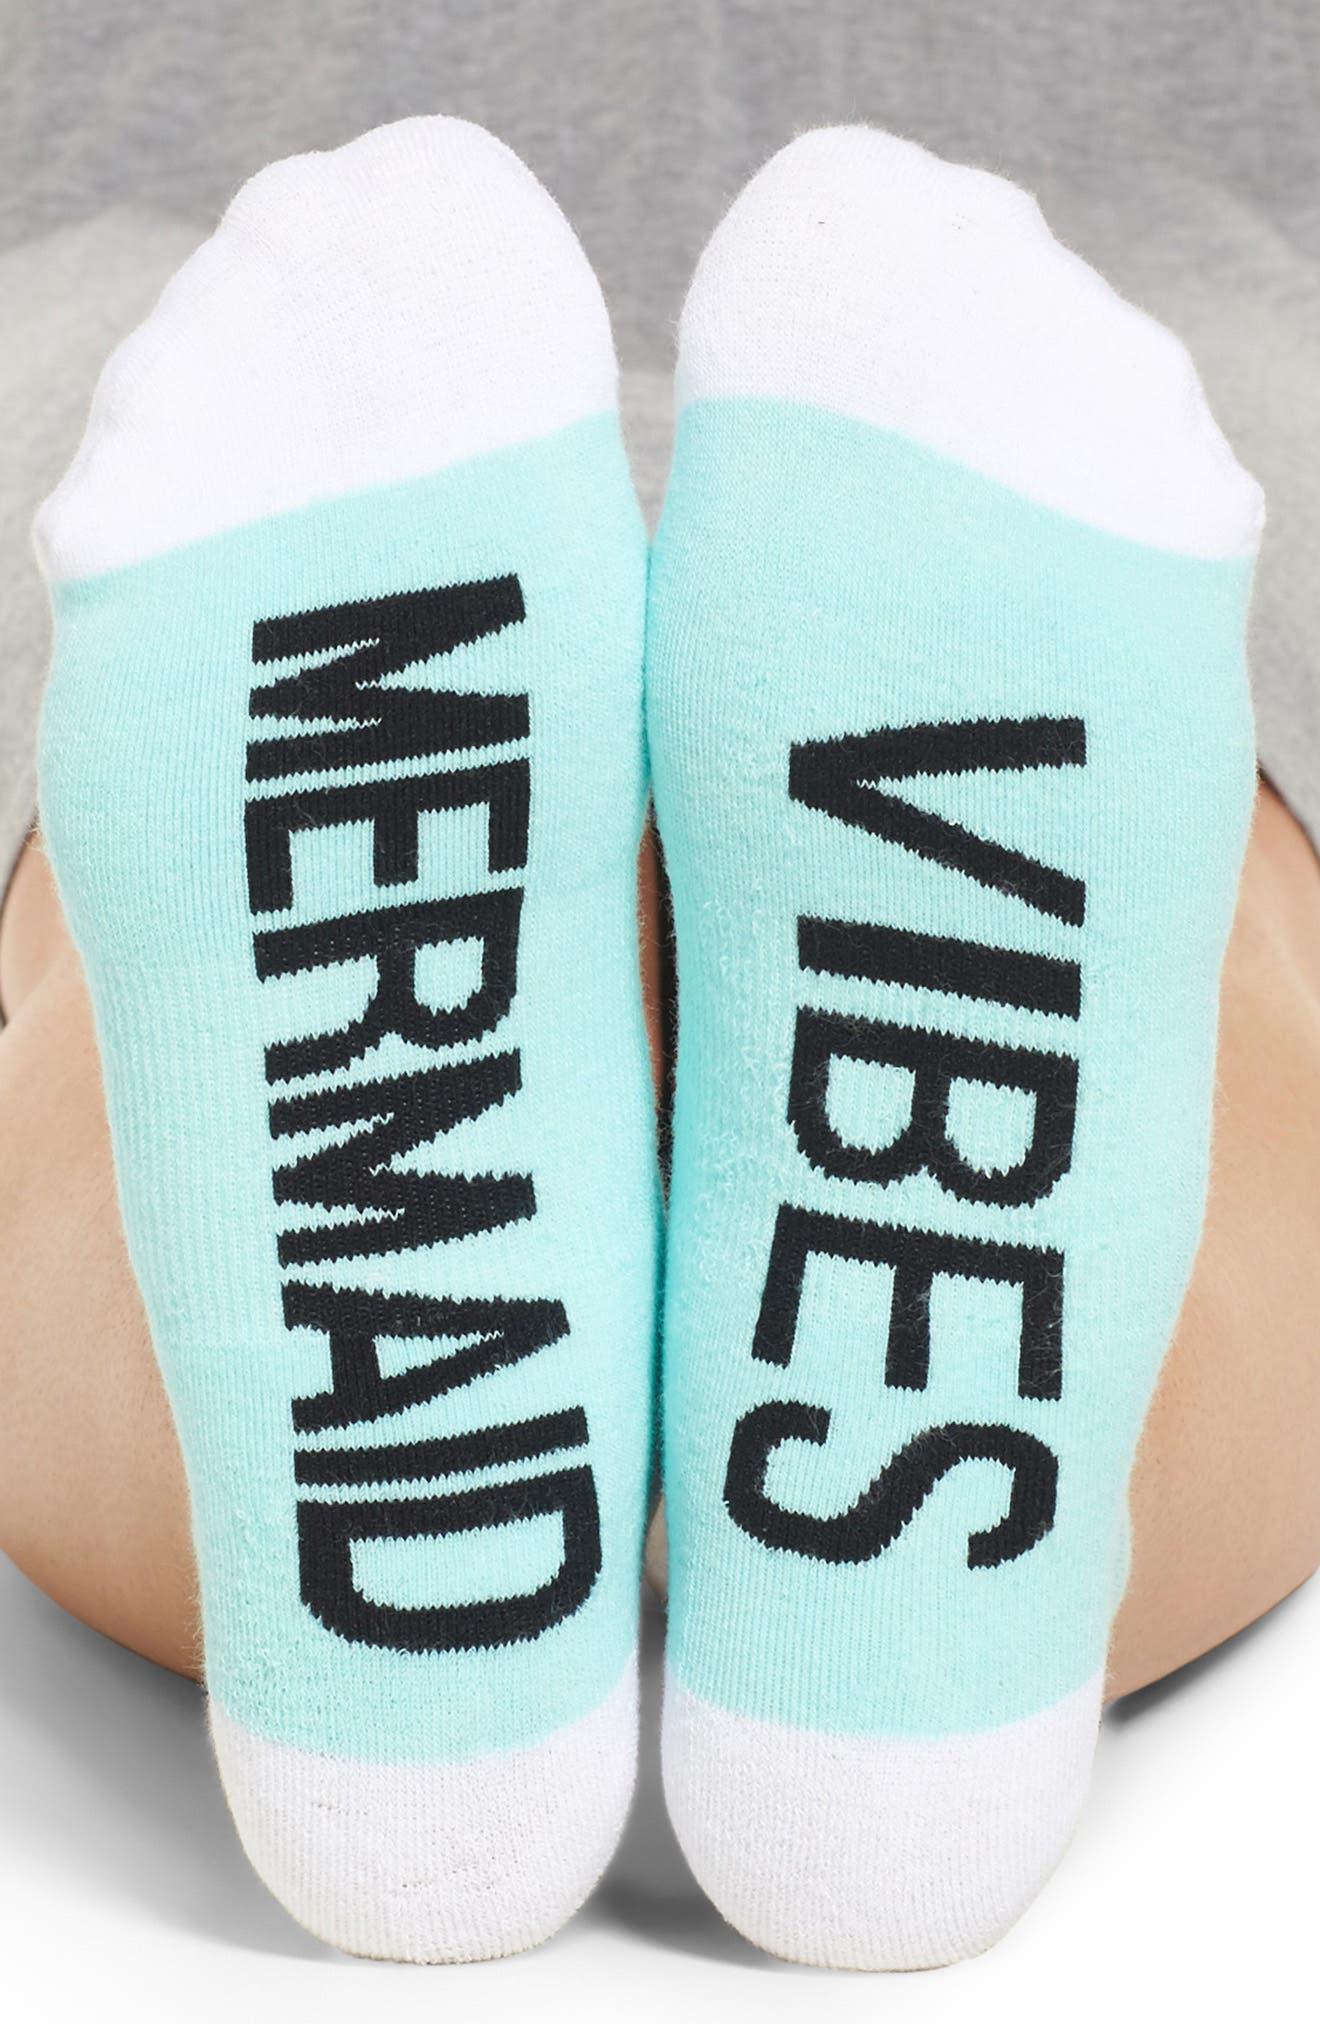 Main Image - SOCKART Mermaid Vibes Ankle Socks